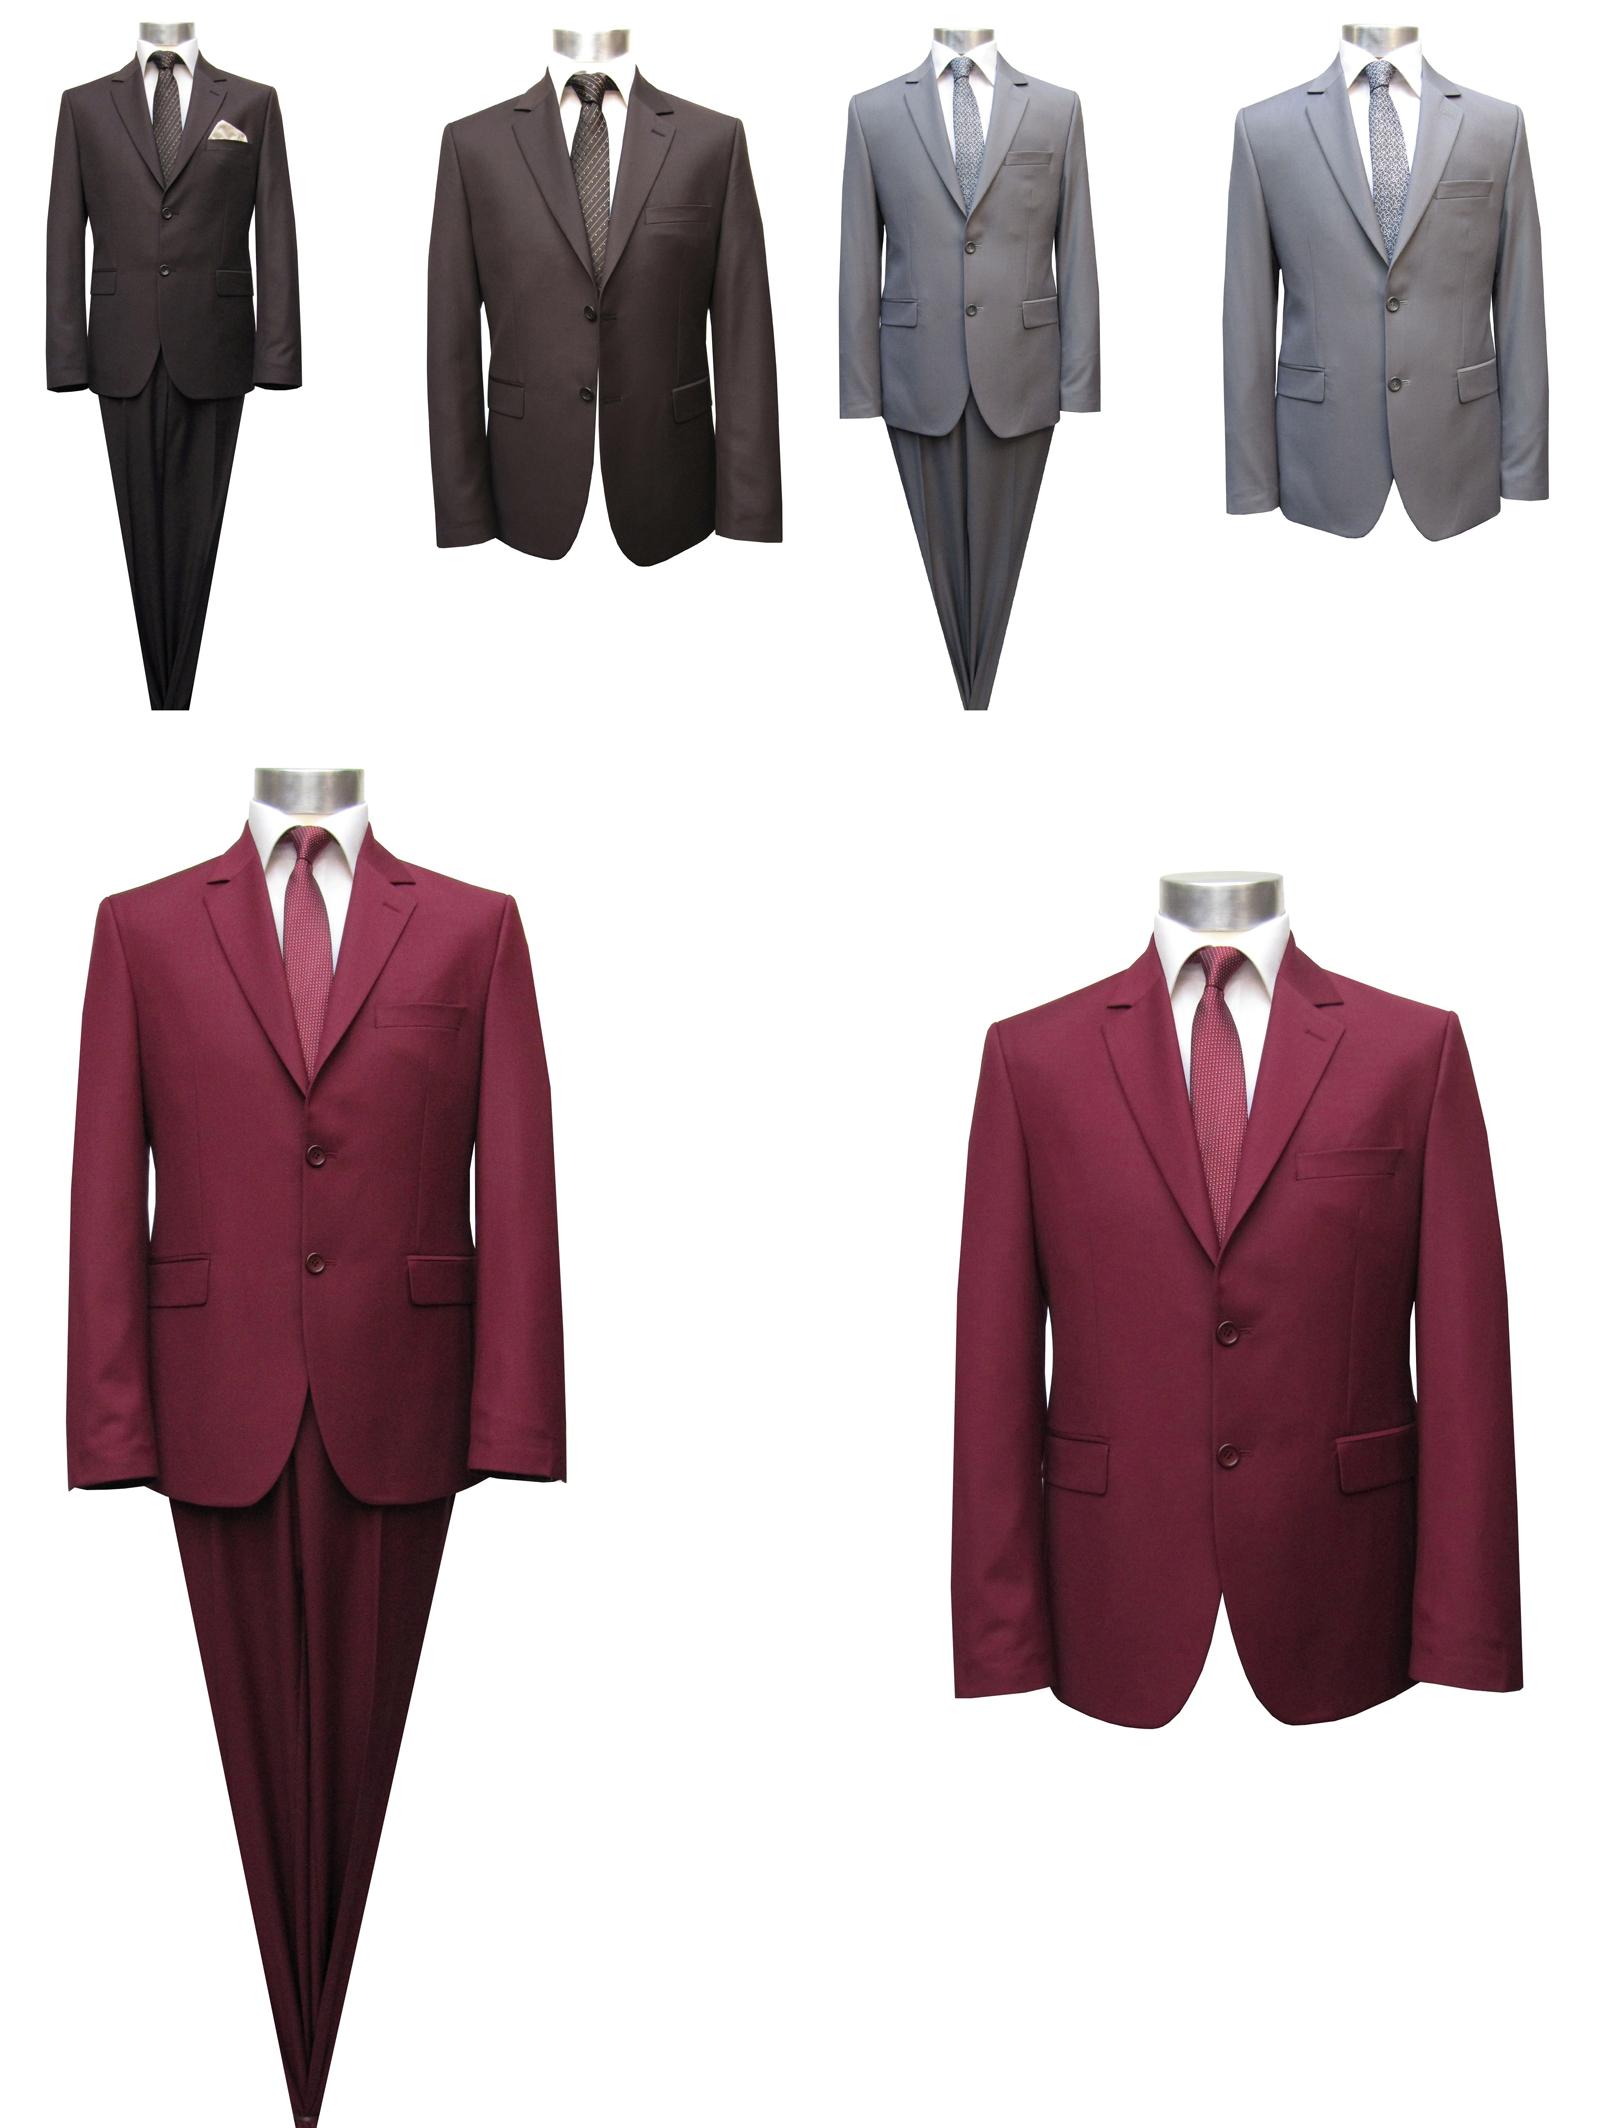 Mariage Hommes Costumes - aziko mercier b7074b24562